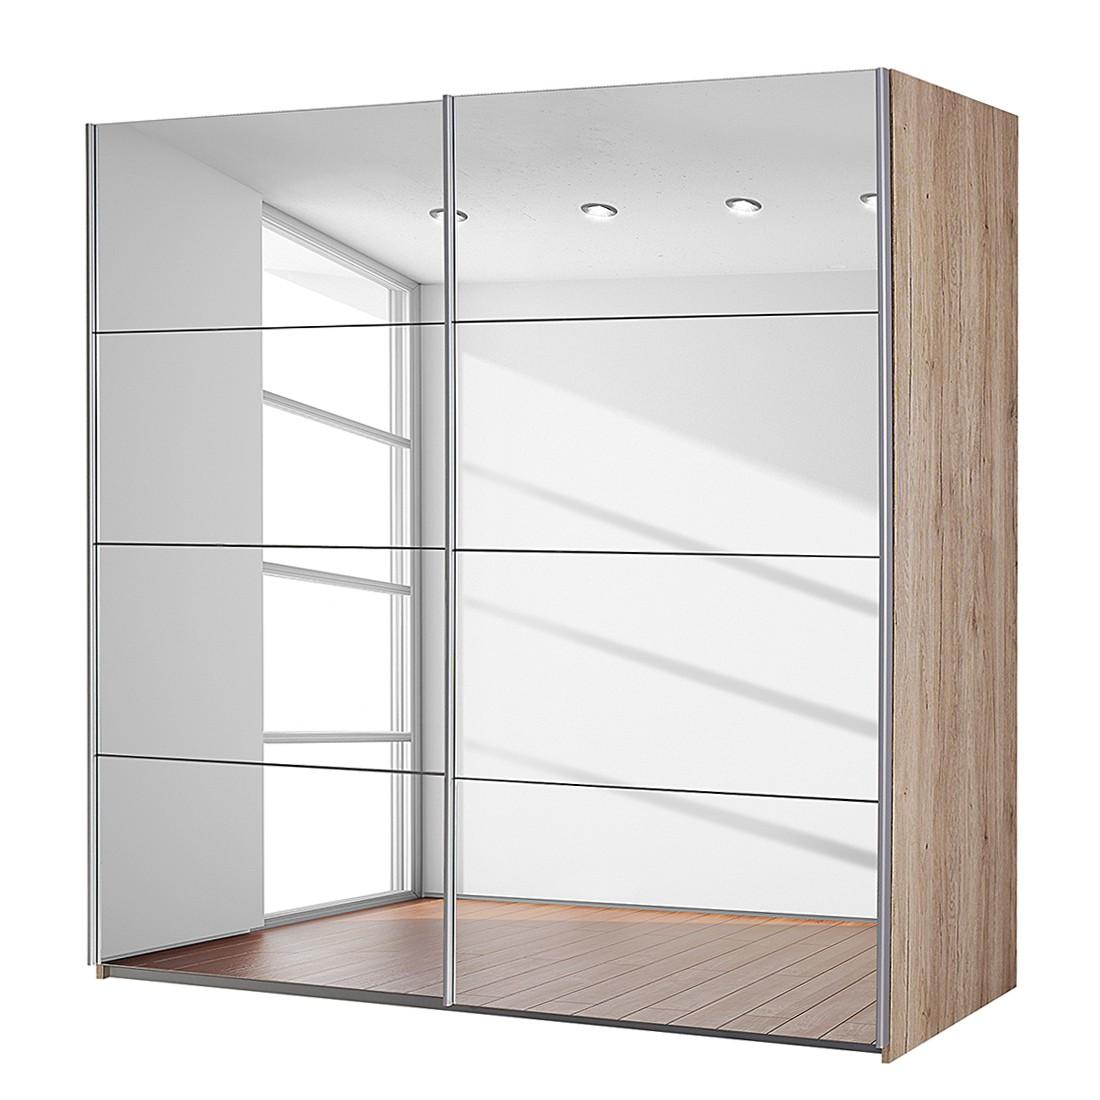 goedkoop Zweefdeurkast Subito 2 spiegeldeuren Lichte San Remo eikenhouten look 136cm 2 deurs Rauch Packs